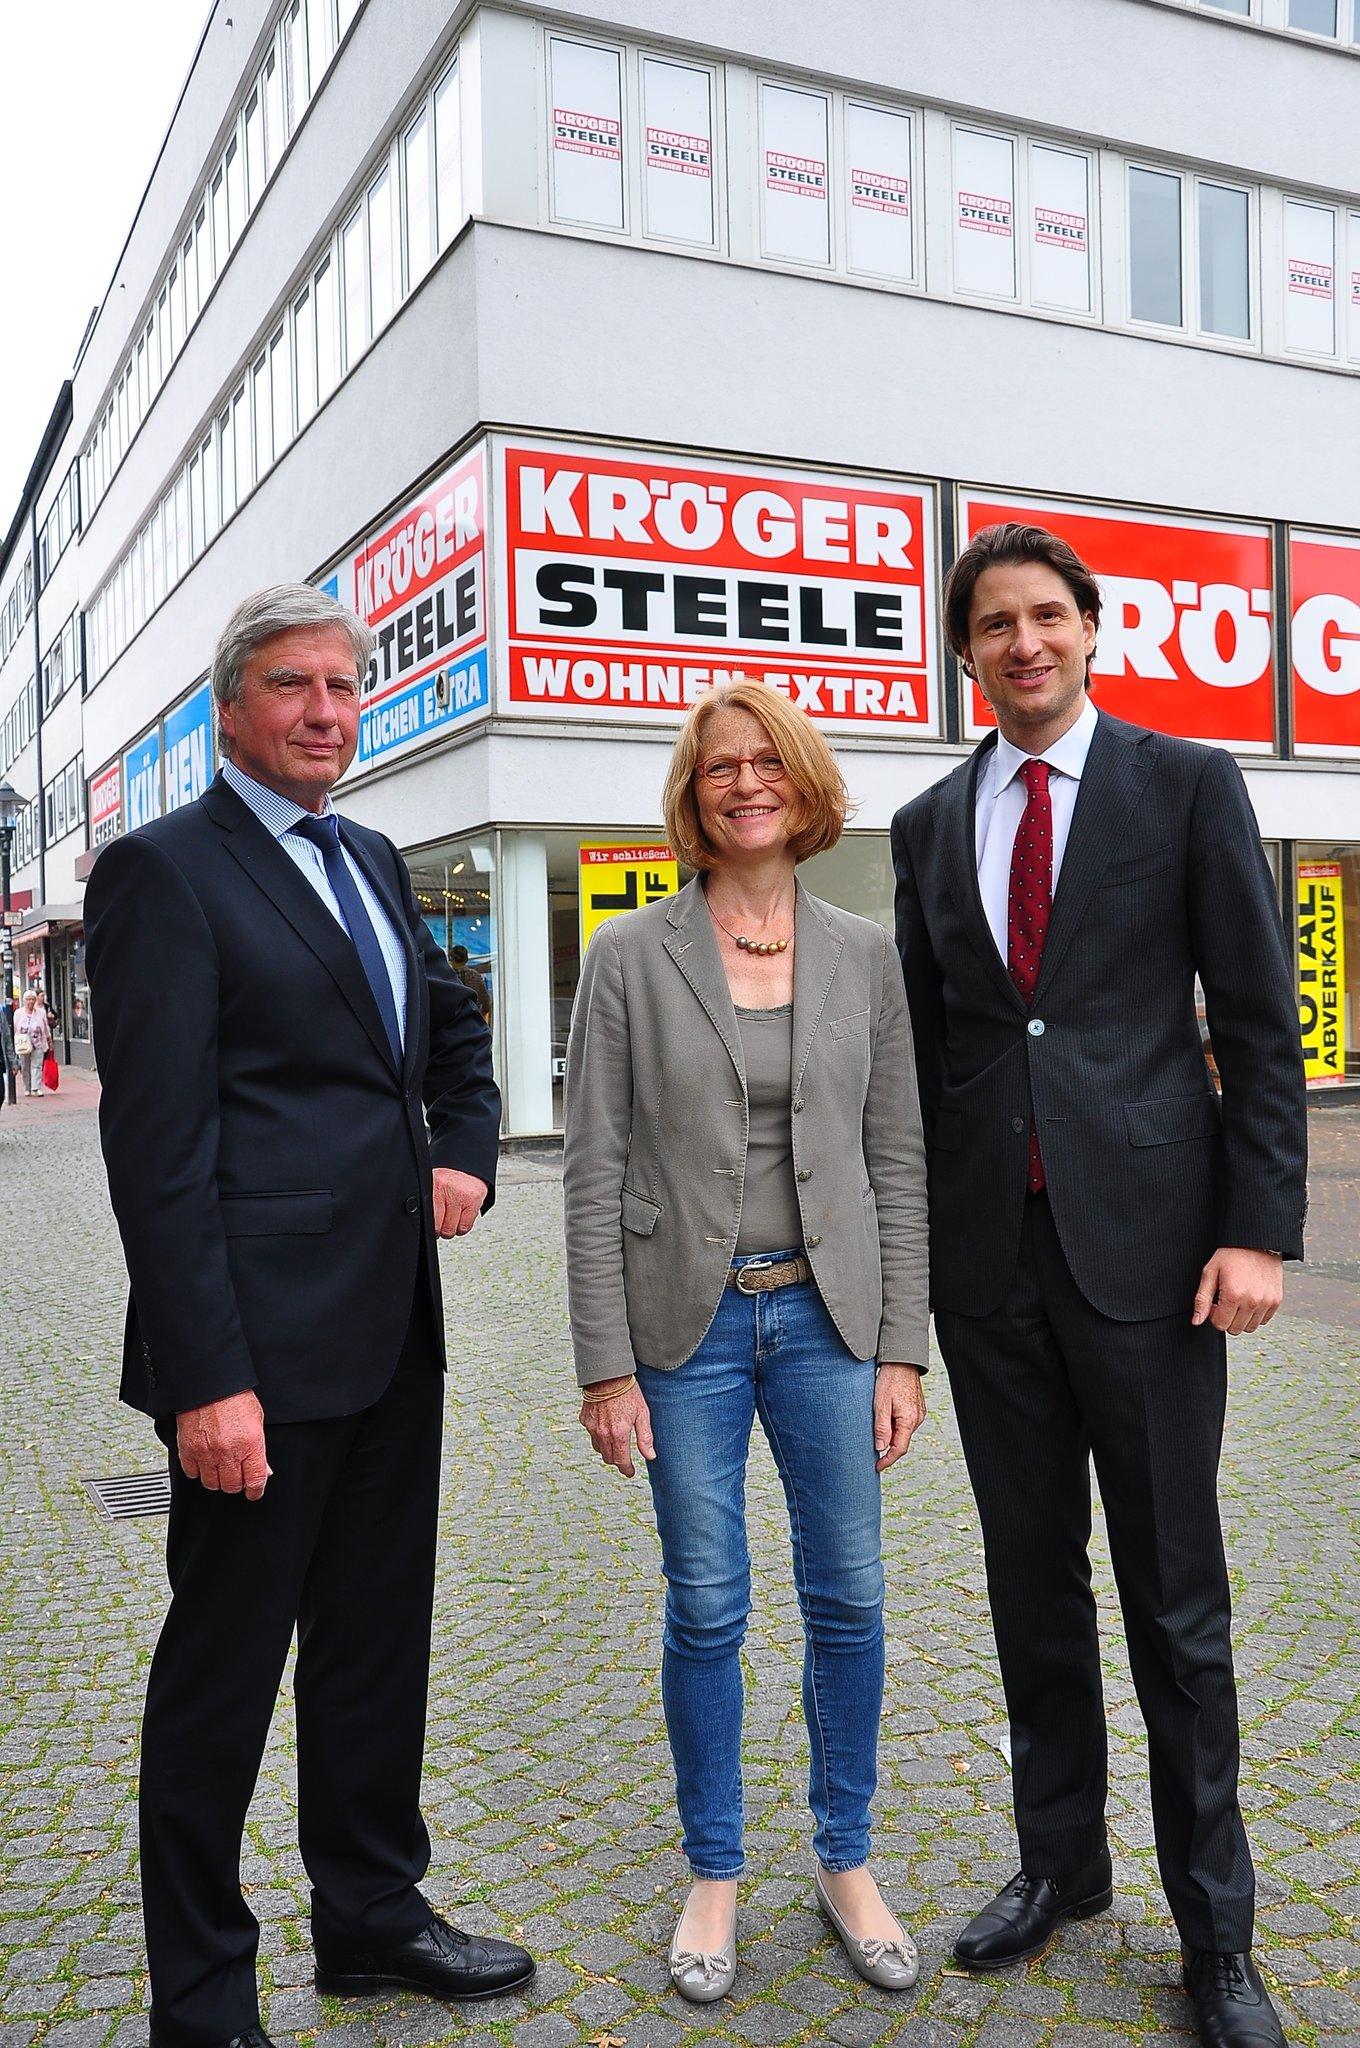 Essen: Möbel Rehmann zieht ins Kröger-Haus nach Steele - Essen-Werden